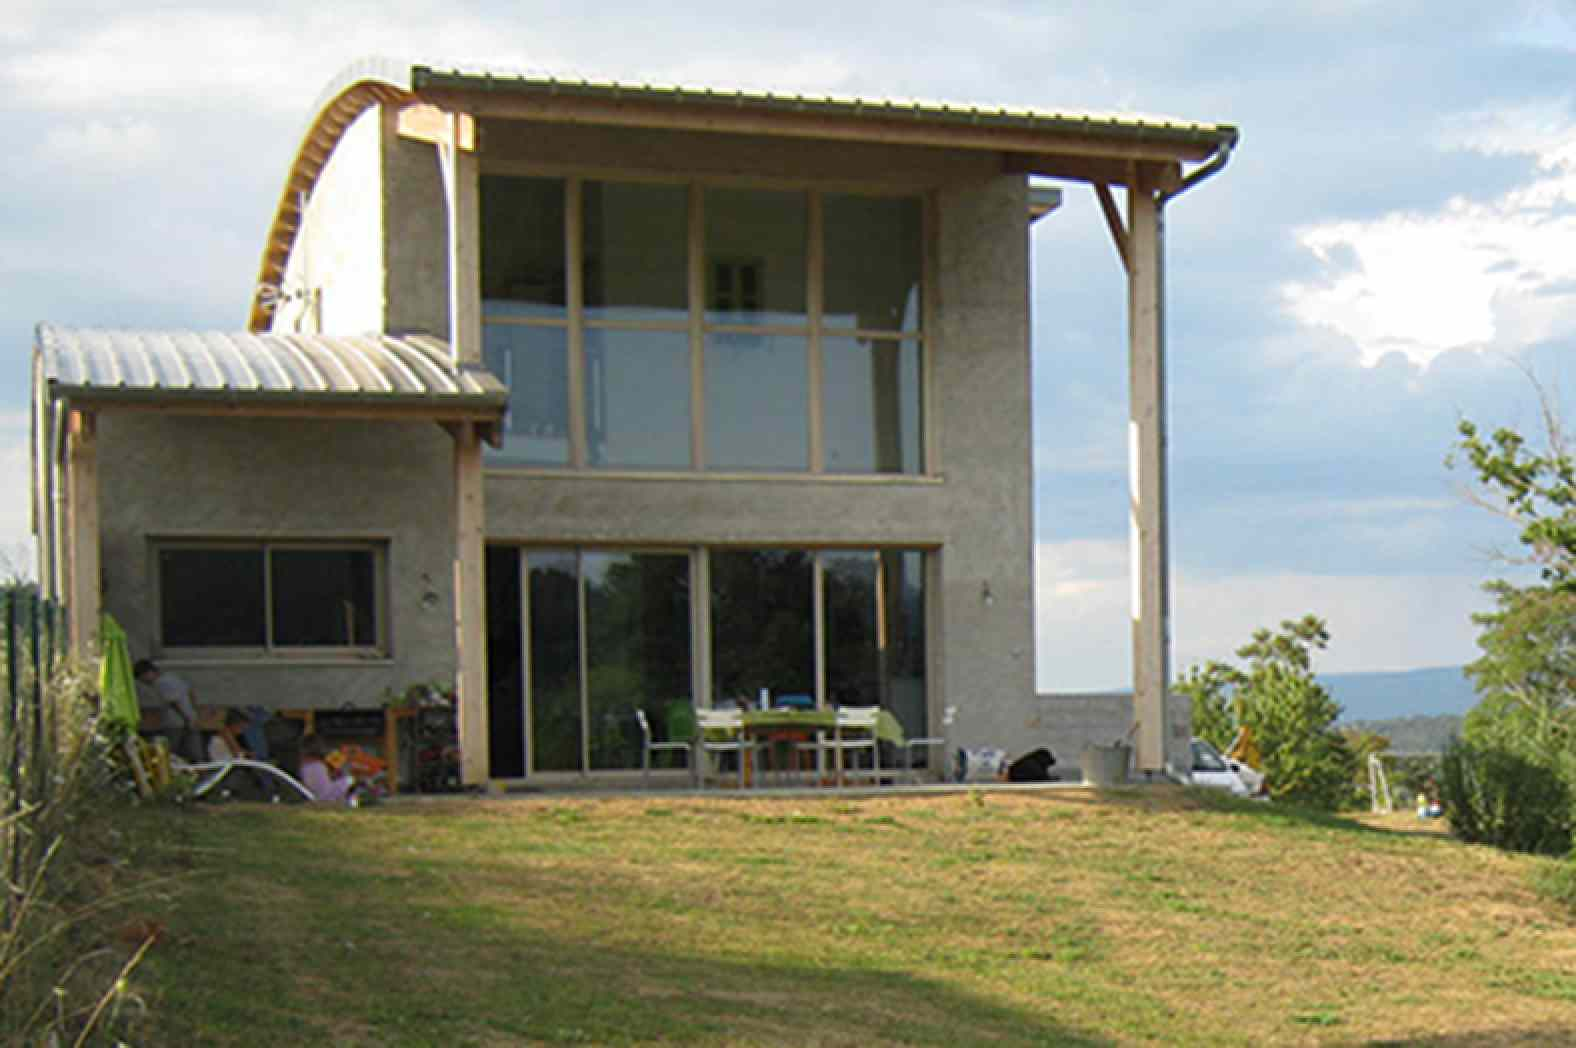 La premi re maison en b ton de chanvre banch de haute for Maison en beton banche